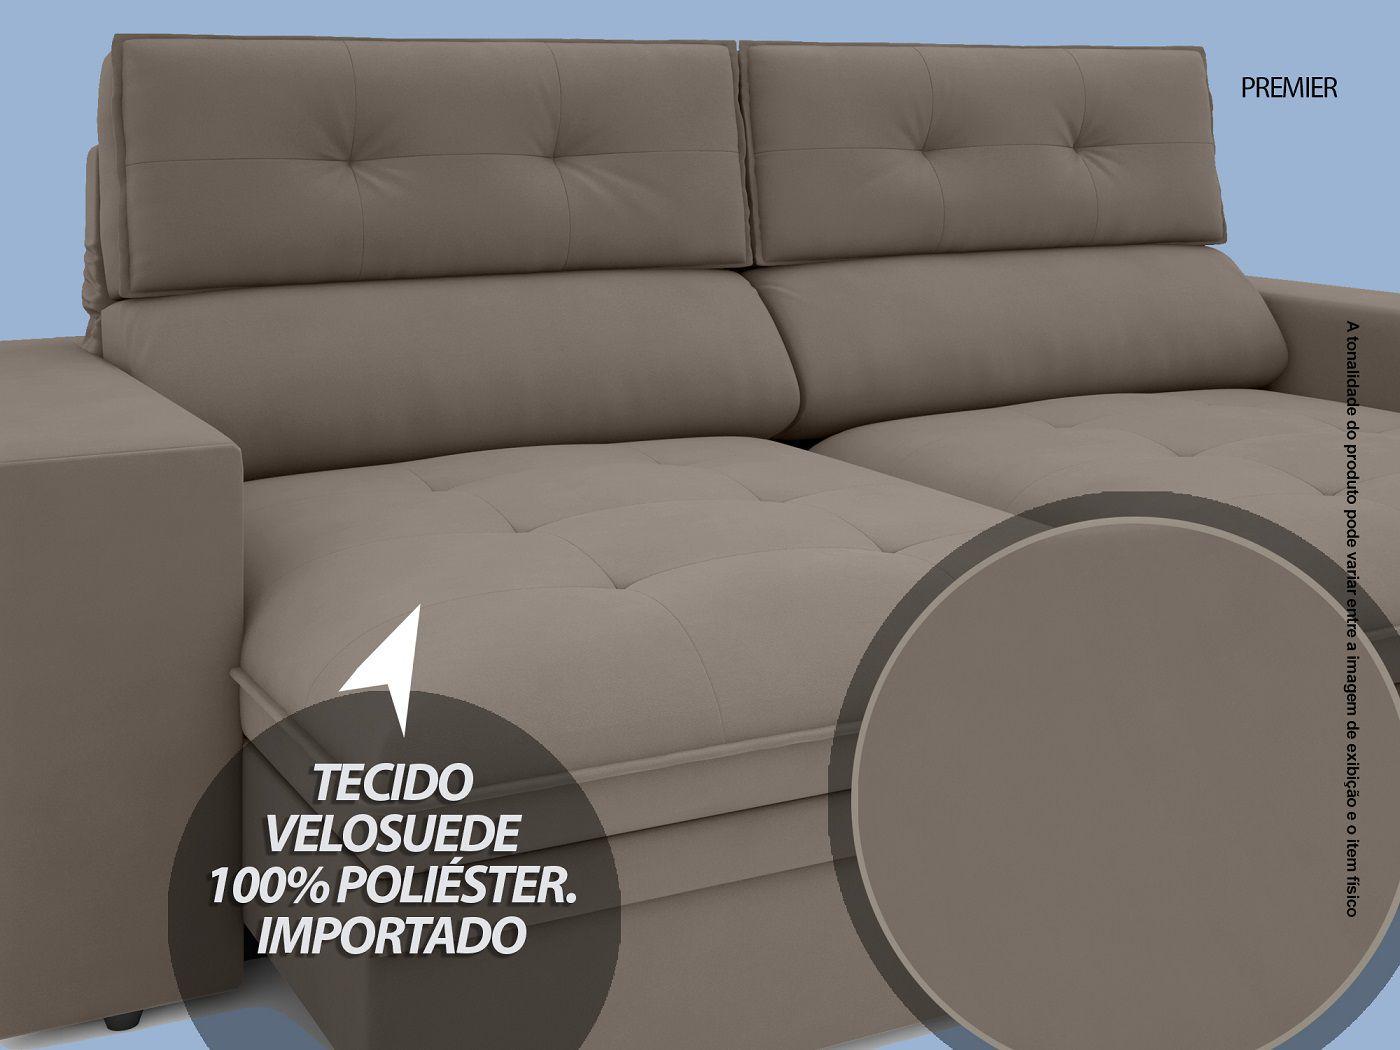 Sofá Premier 2,23m Retrátil e Reclinável Com Baú Velosuede Bege - NETSOFAS